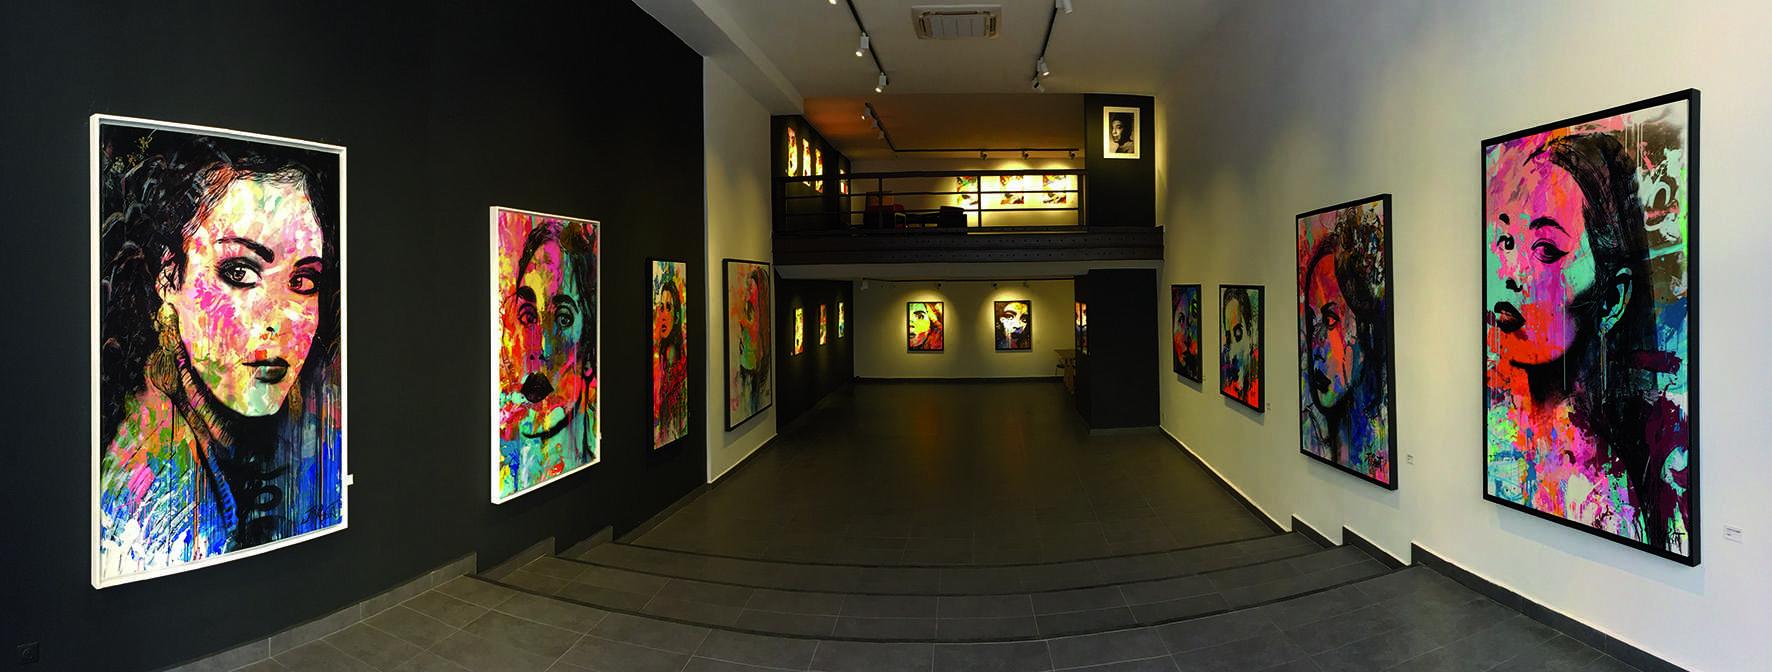 Wall Street Gallery, un nouveau lieu du Street Art à Marrakech